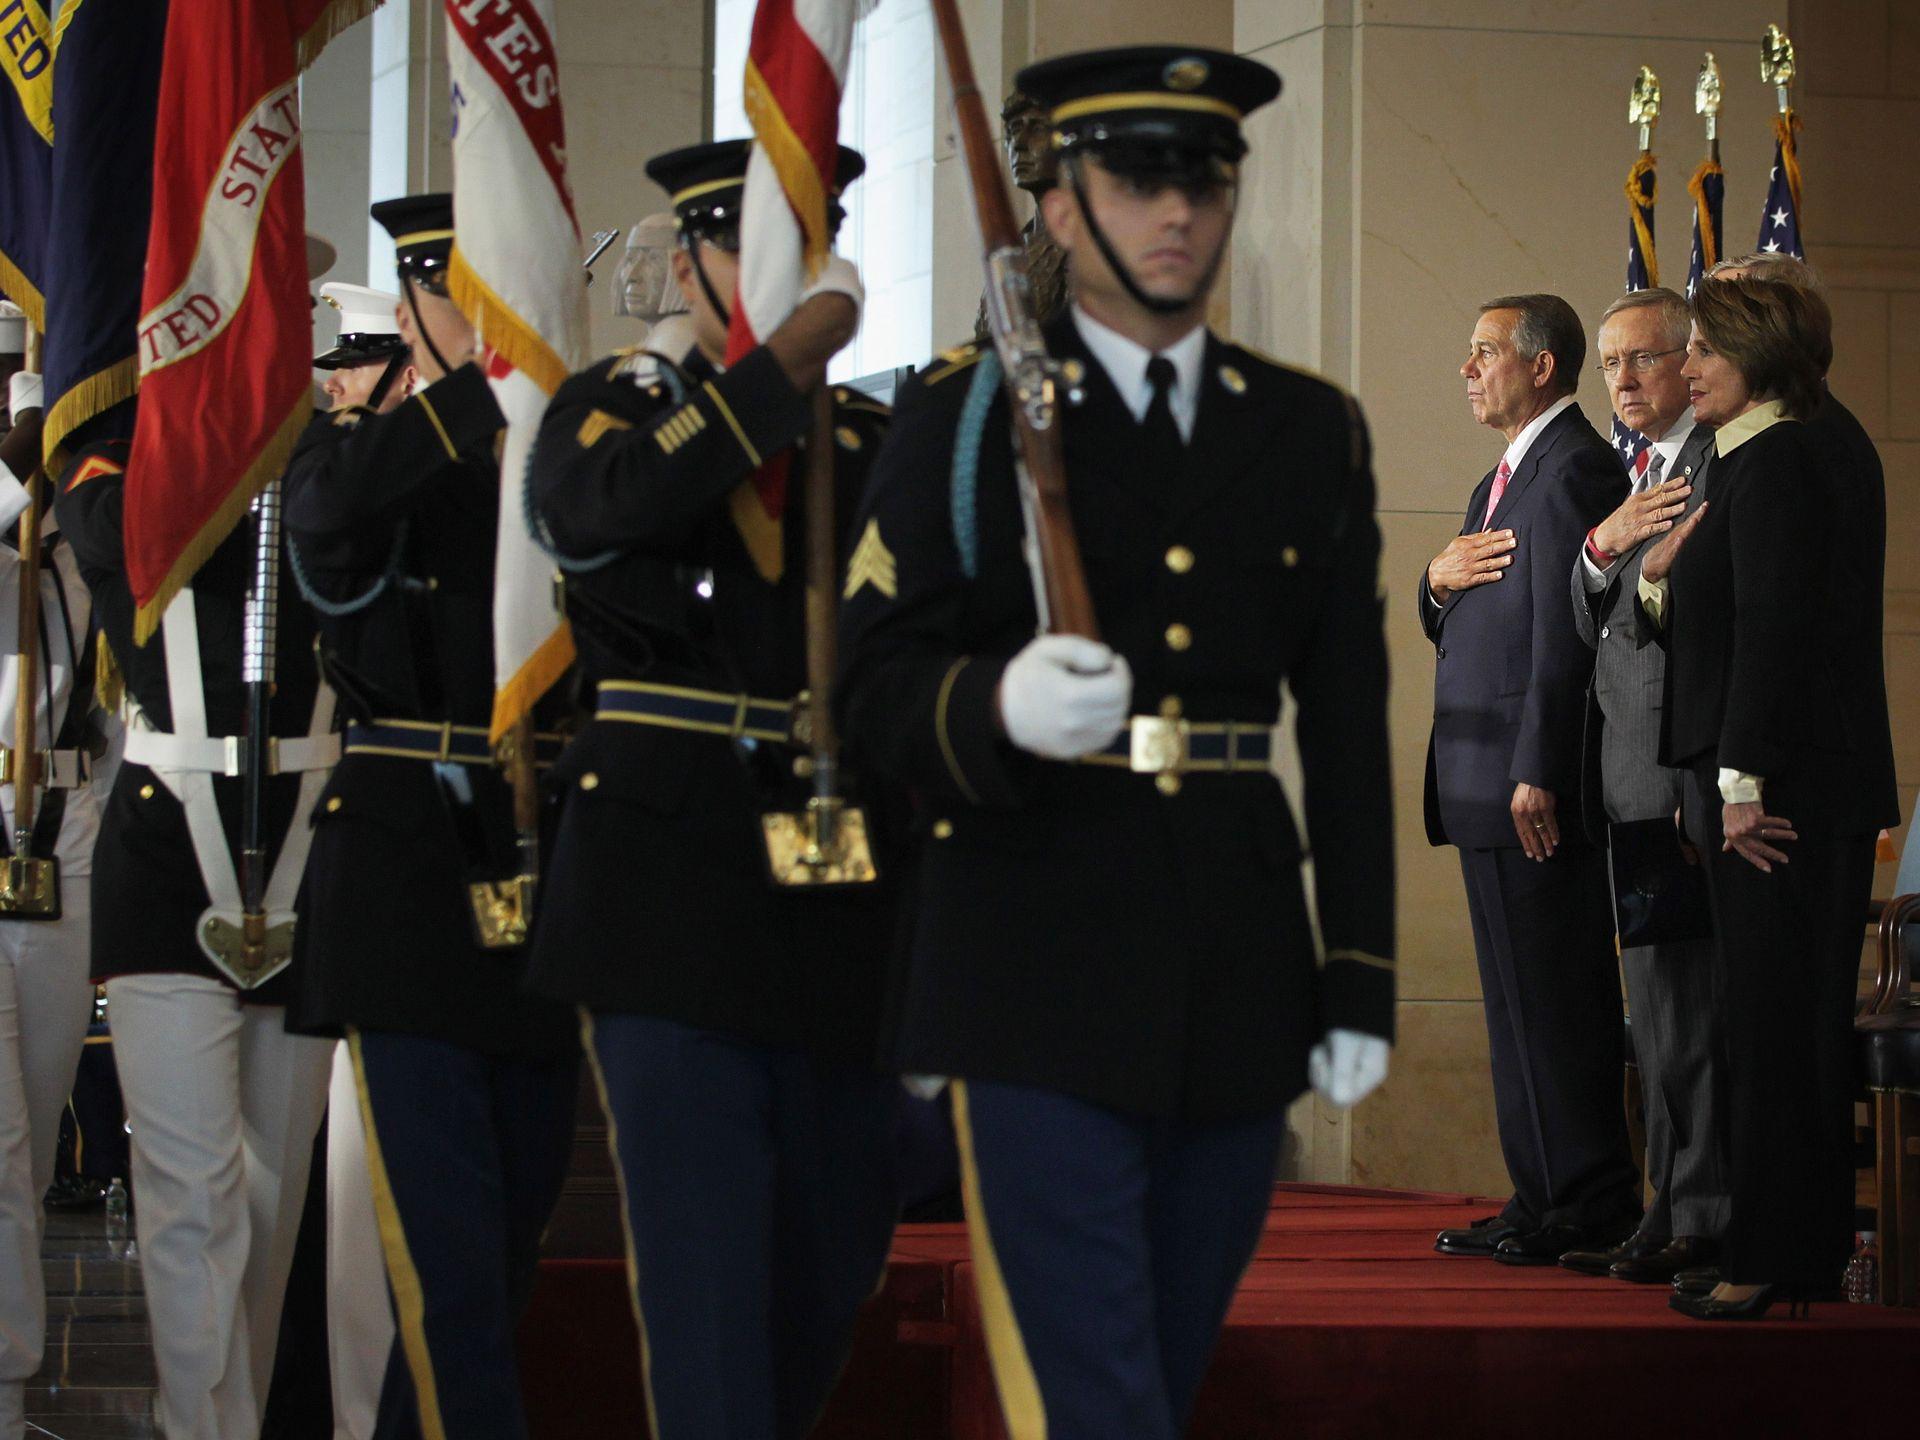 美国当地时间9月10日,在美国国会的国会金质奖章的颁发仪式上,美国政府官员纪念因911事件牺牲的平凡英雄们。